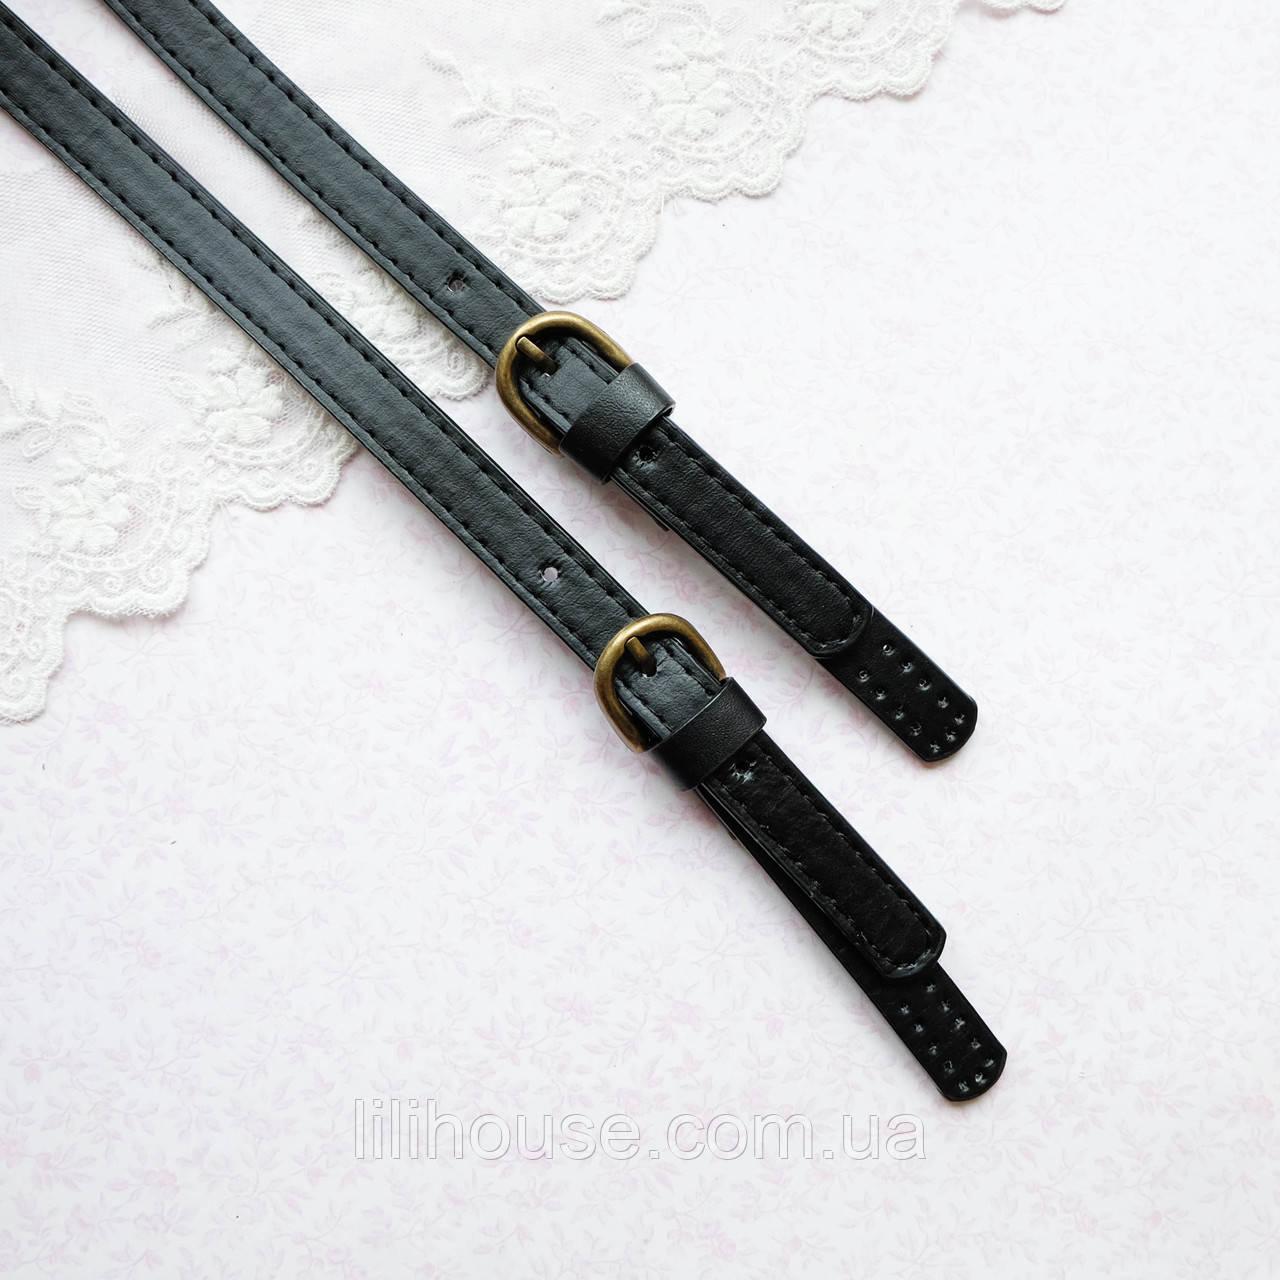 Ручка для сумки 1.4 см АДЕЛАИДА 75 см Черная